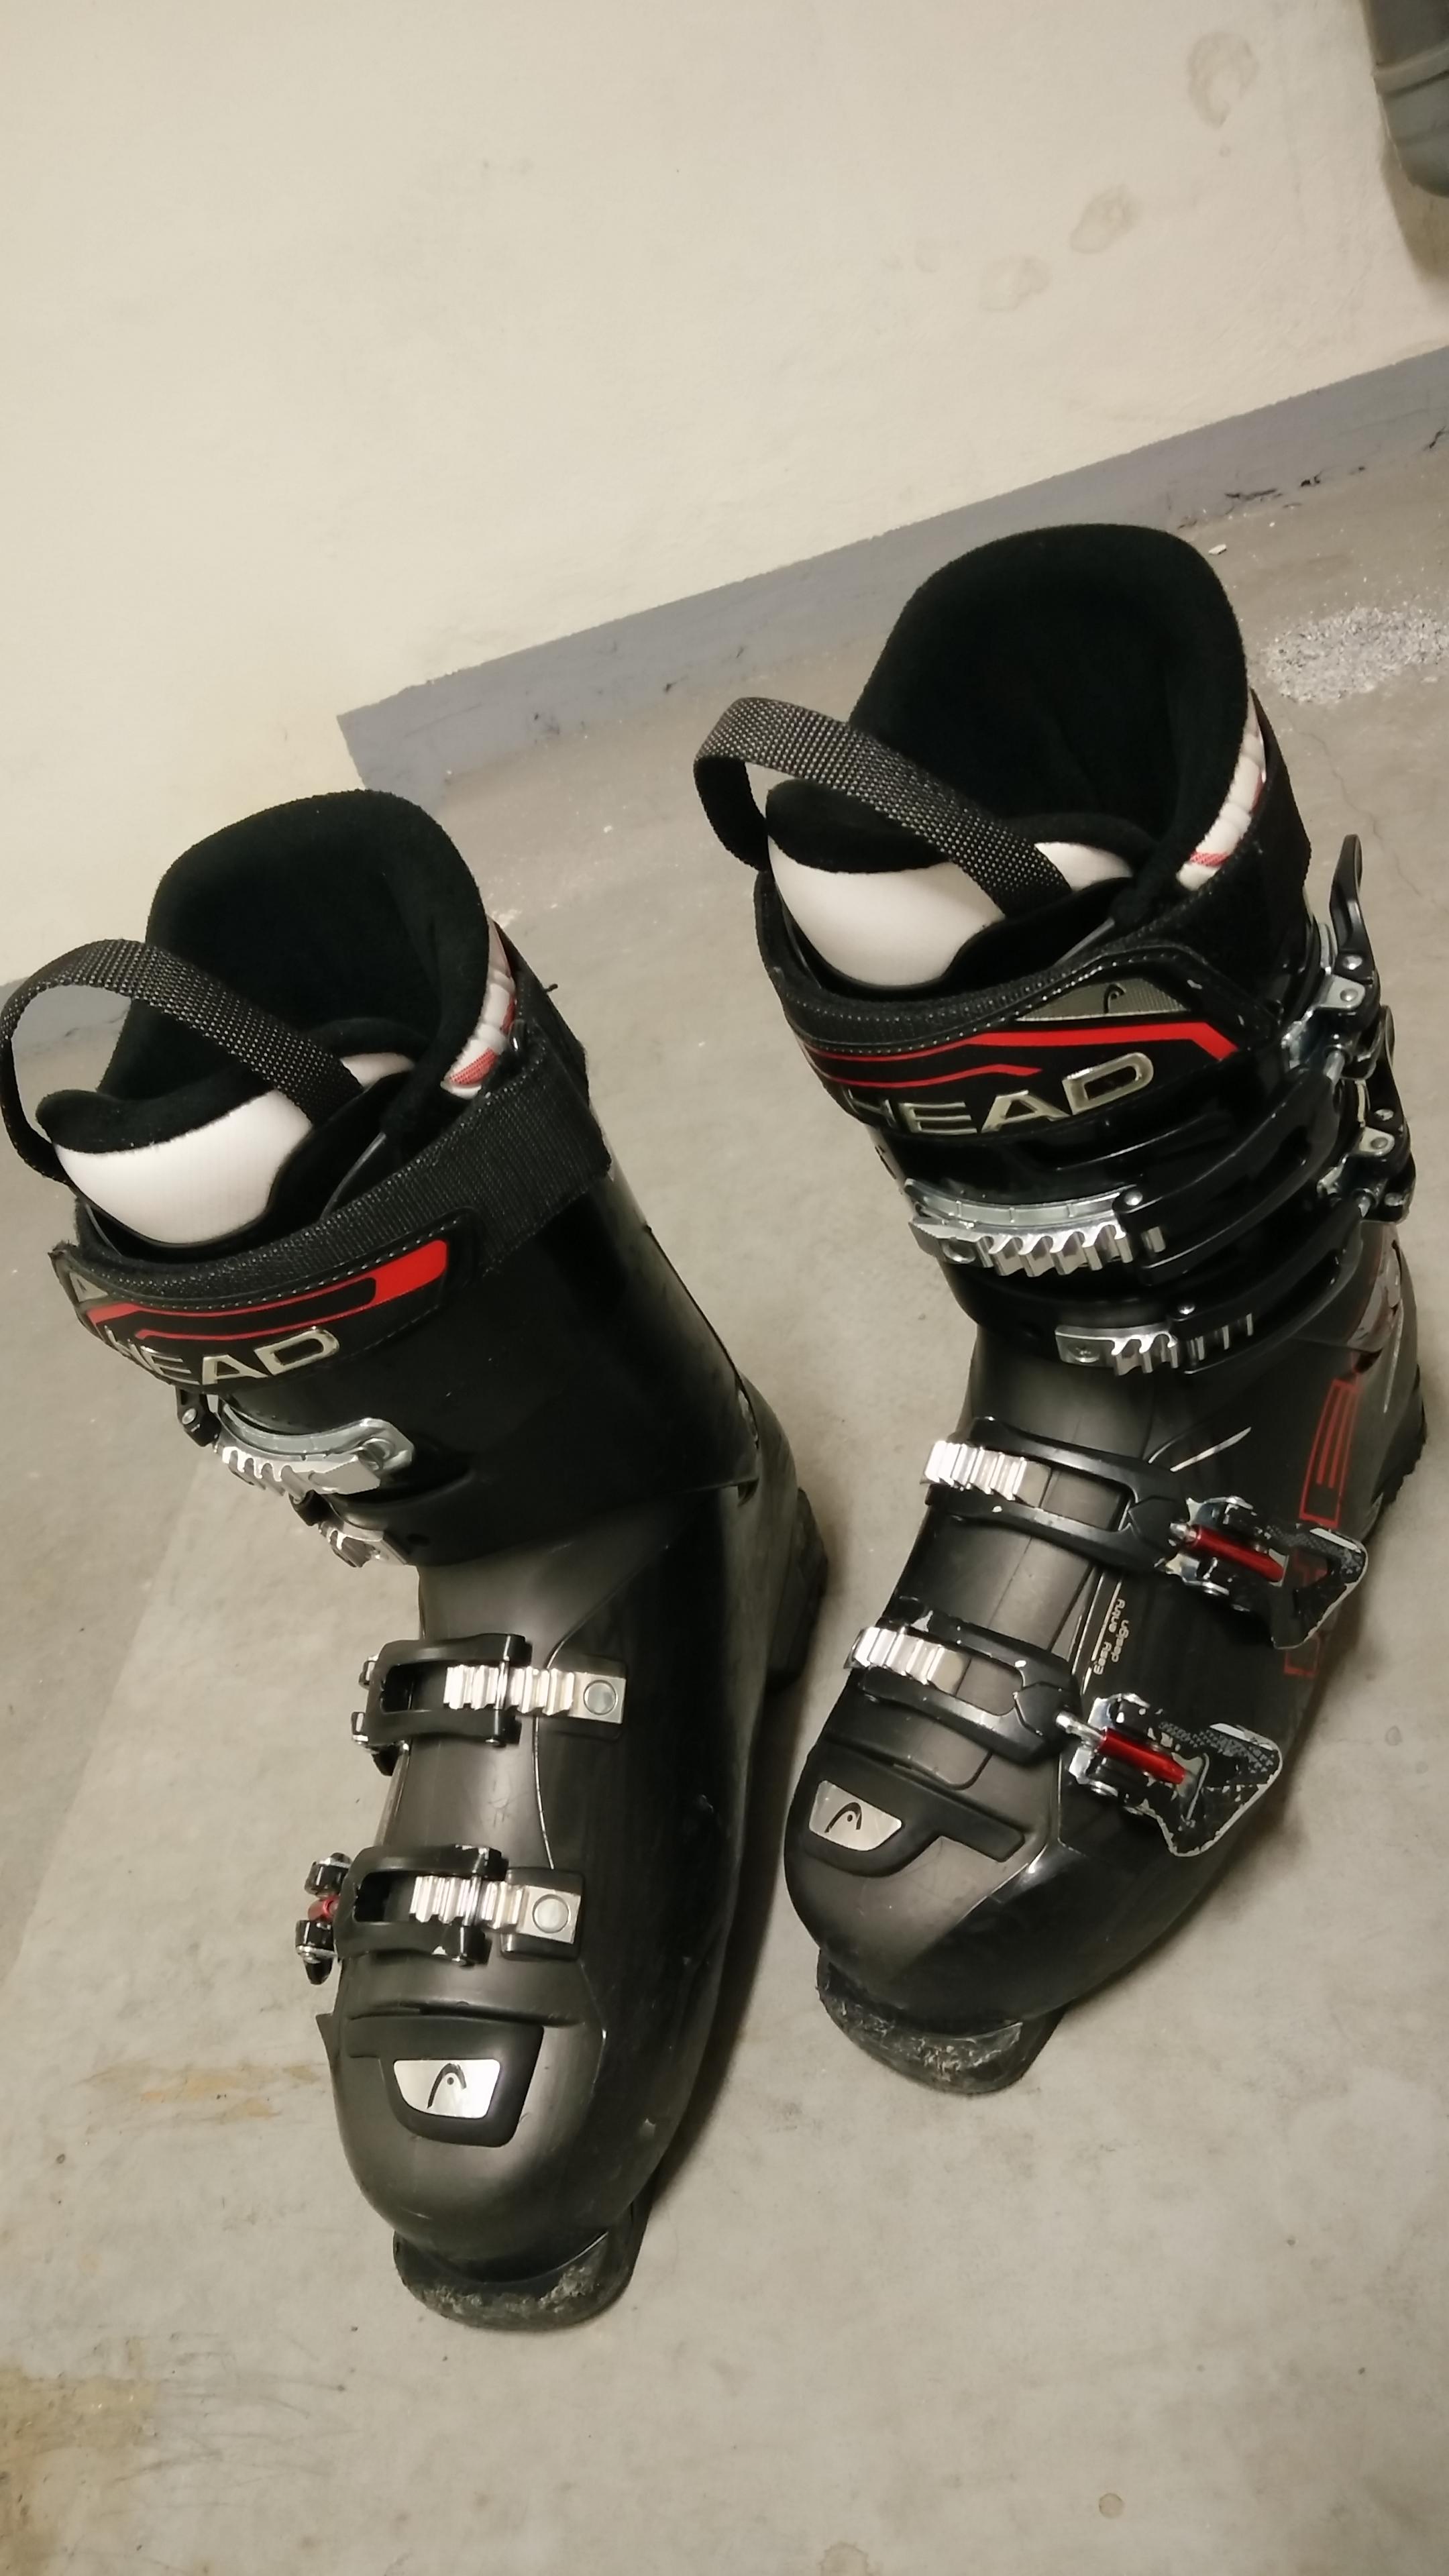 Lyžařské boty HEAD NEXTEDGE 2014 vel. 275 - Bazar - SNOW.CZ 3f20a0caf3